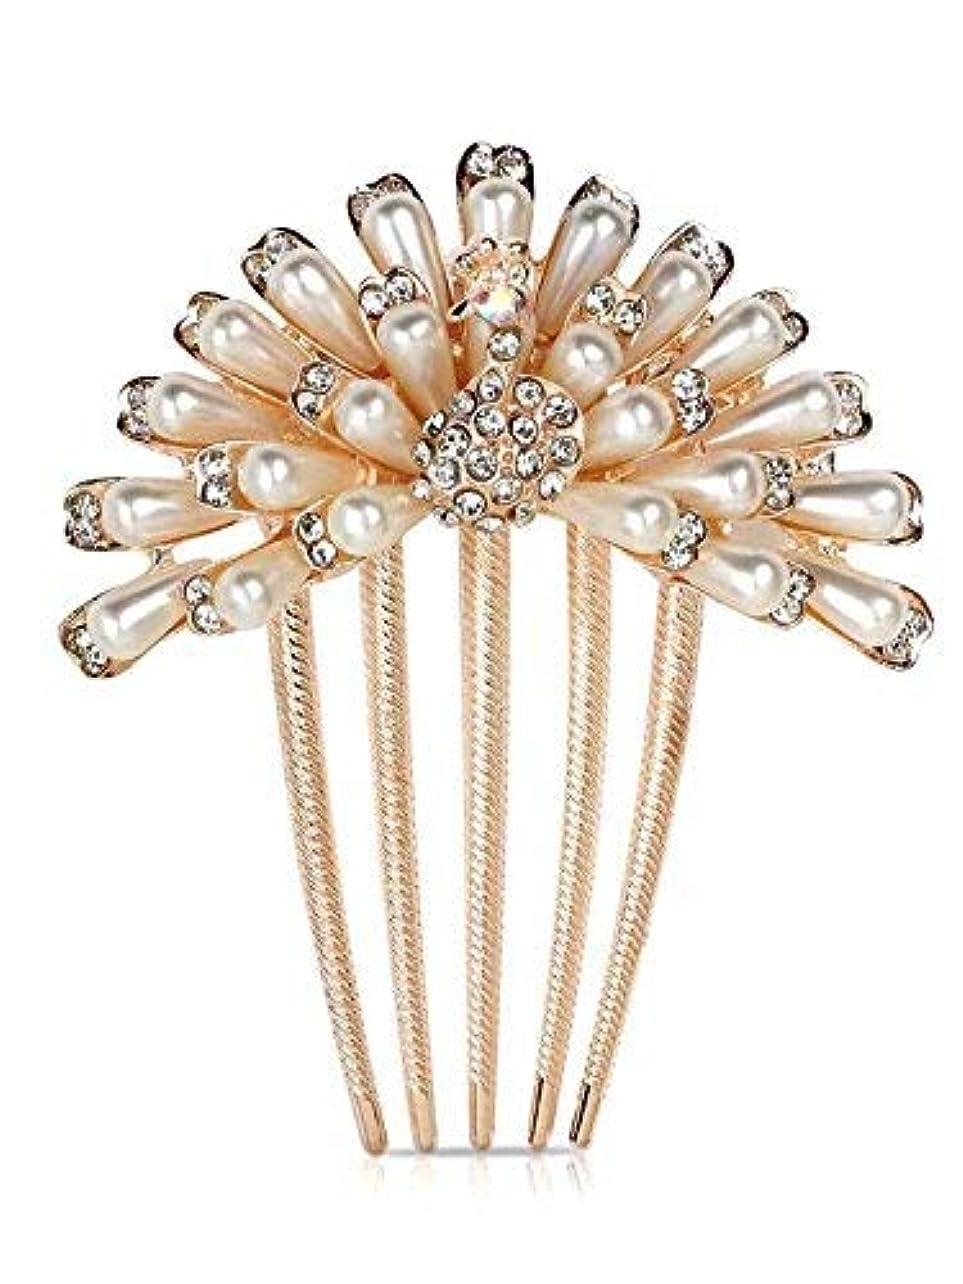 ぐったり証明保存Aukmla Wedding Hair Combs Bridal Accessories for Women and Girls (Bowknot Style) (Vintage Peacock) [並行輸入品]